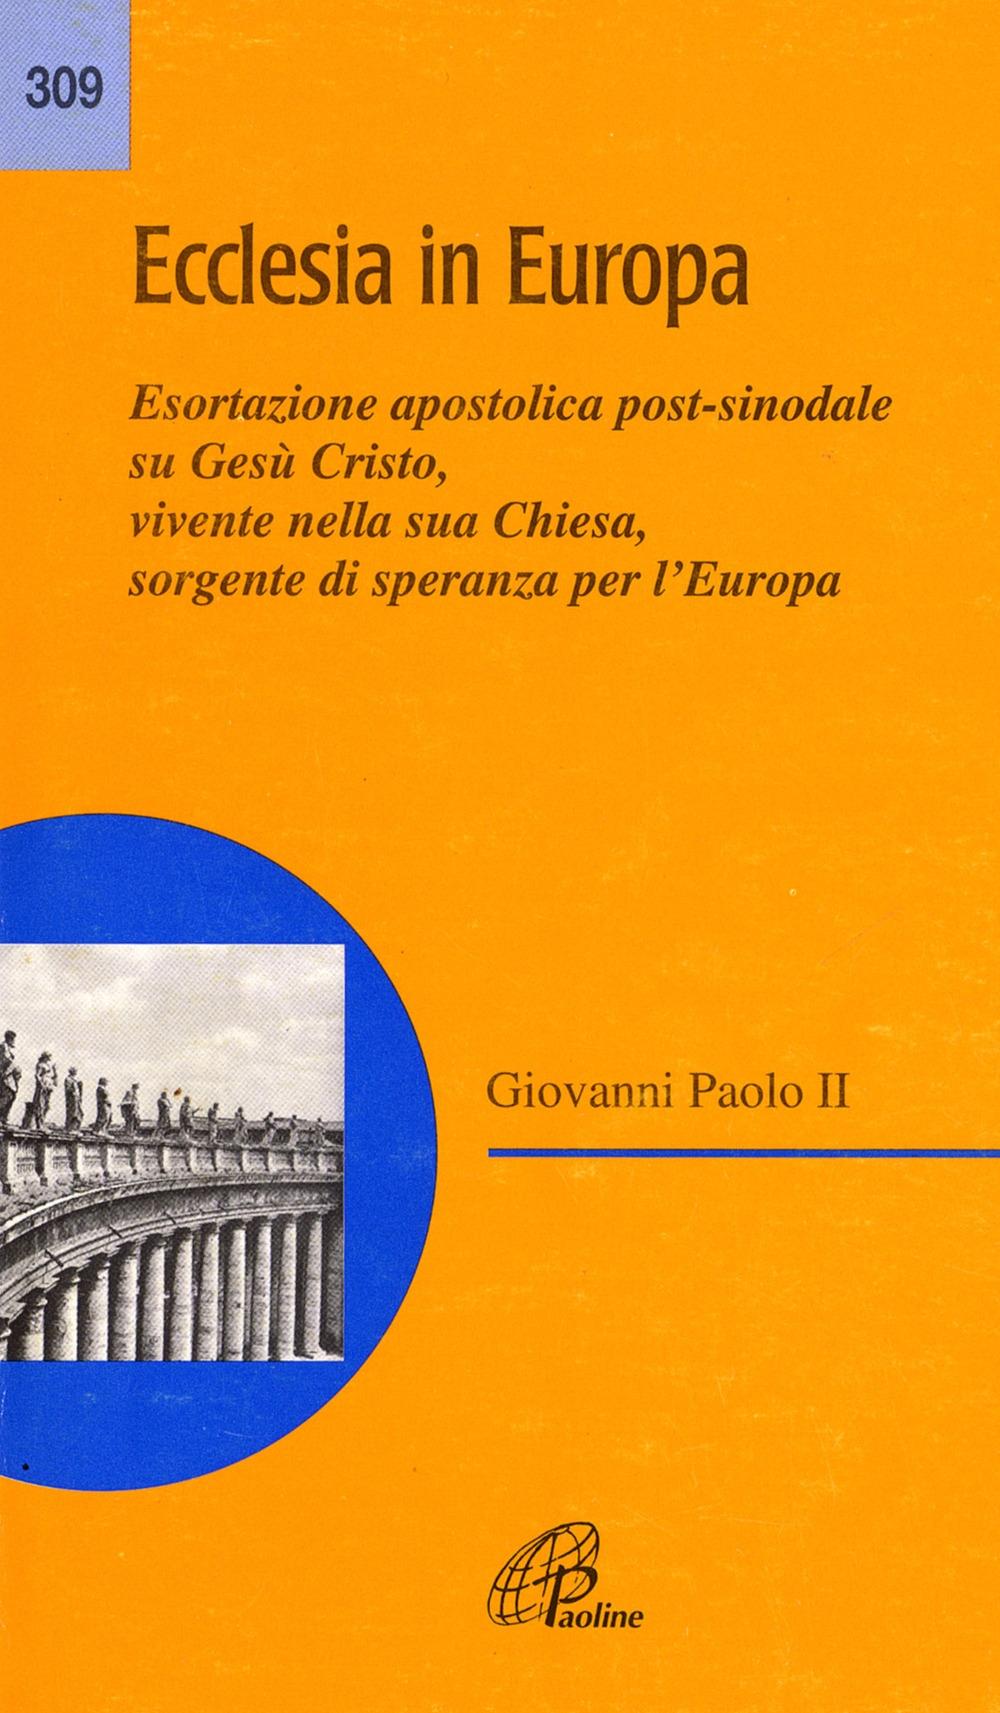 Ecclesia in Europa. Esortazione apostolica post-sinodale su Gesù Cristo, vivente nella sua Chiesa, sorgente di speranza per l'Europa